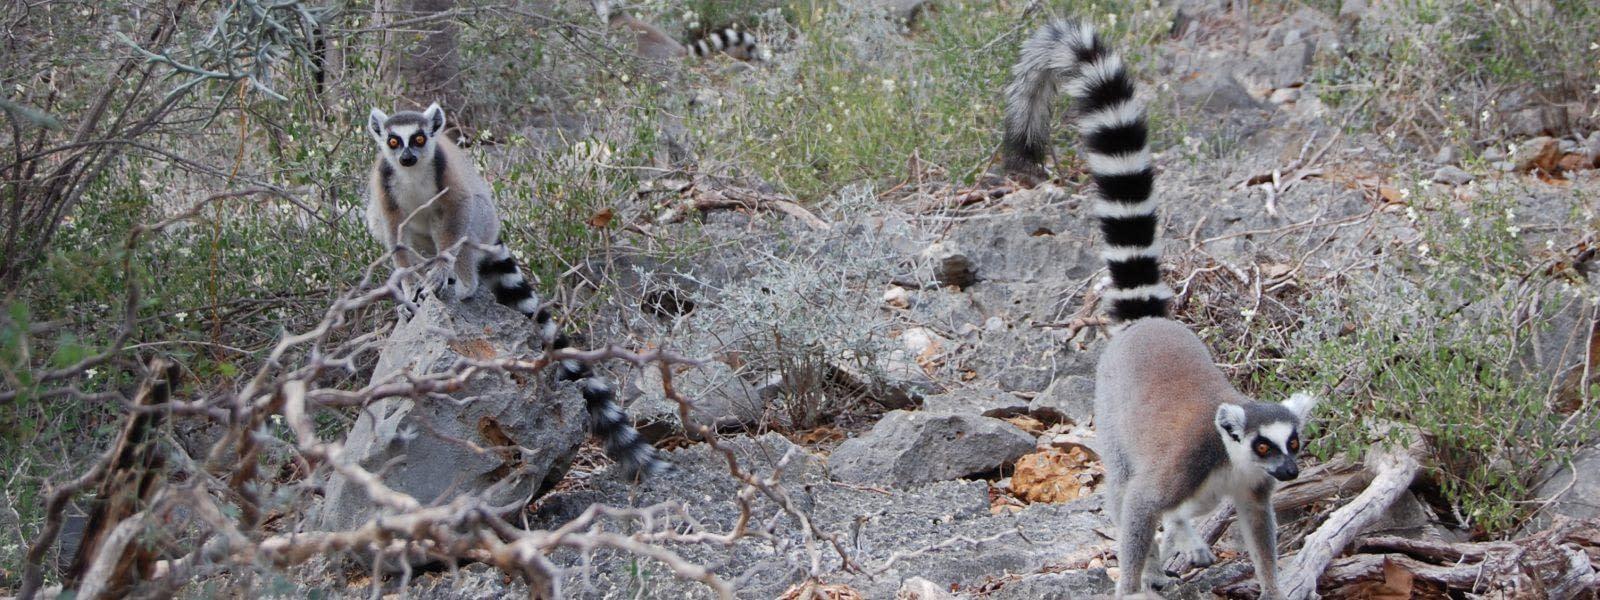 Tsimanampetsotsa Nature Reserve